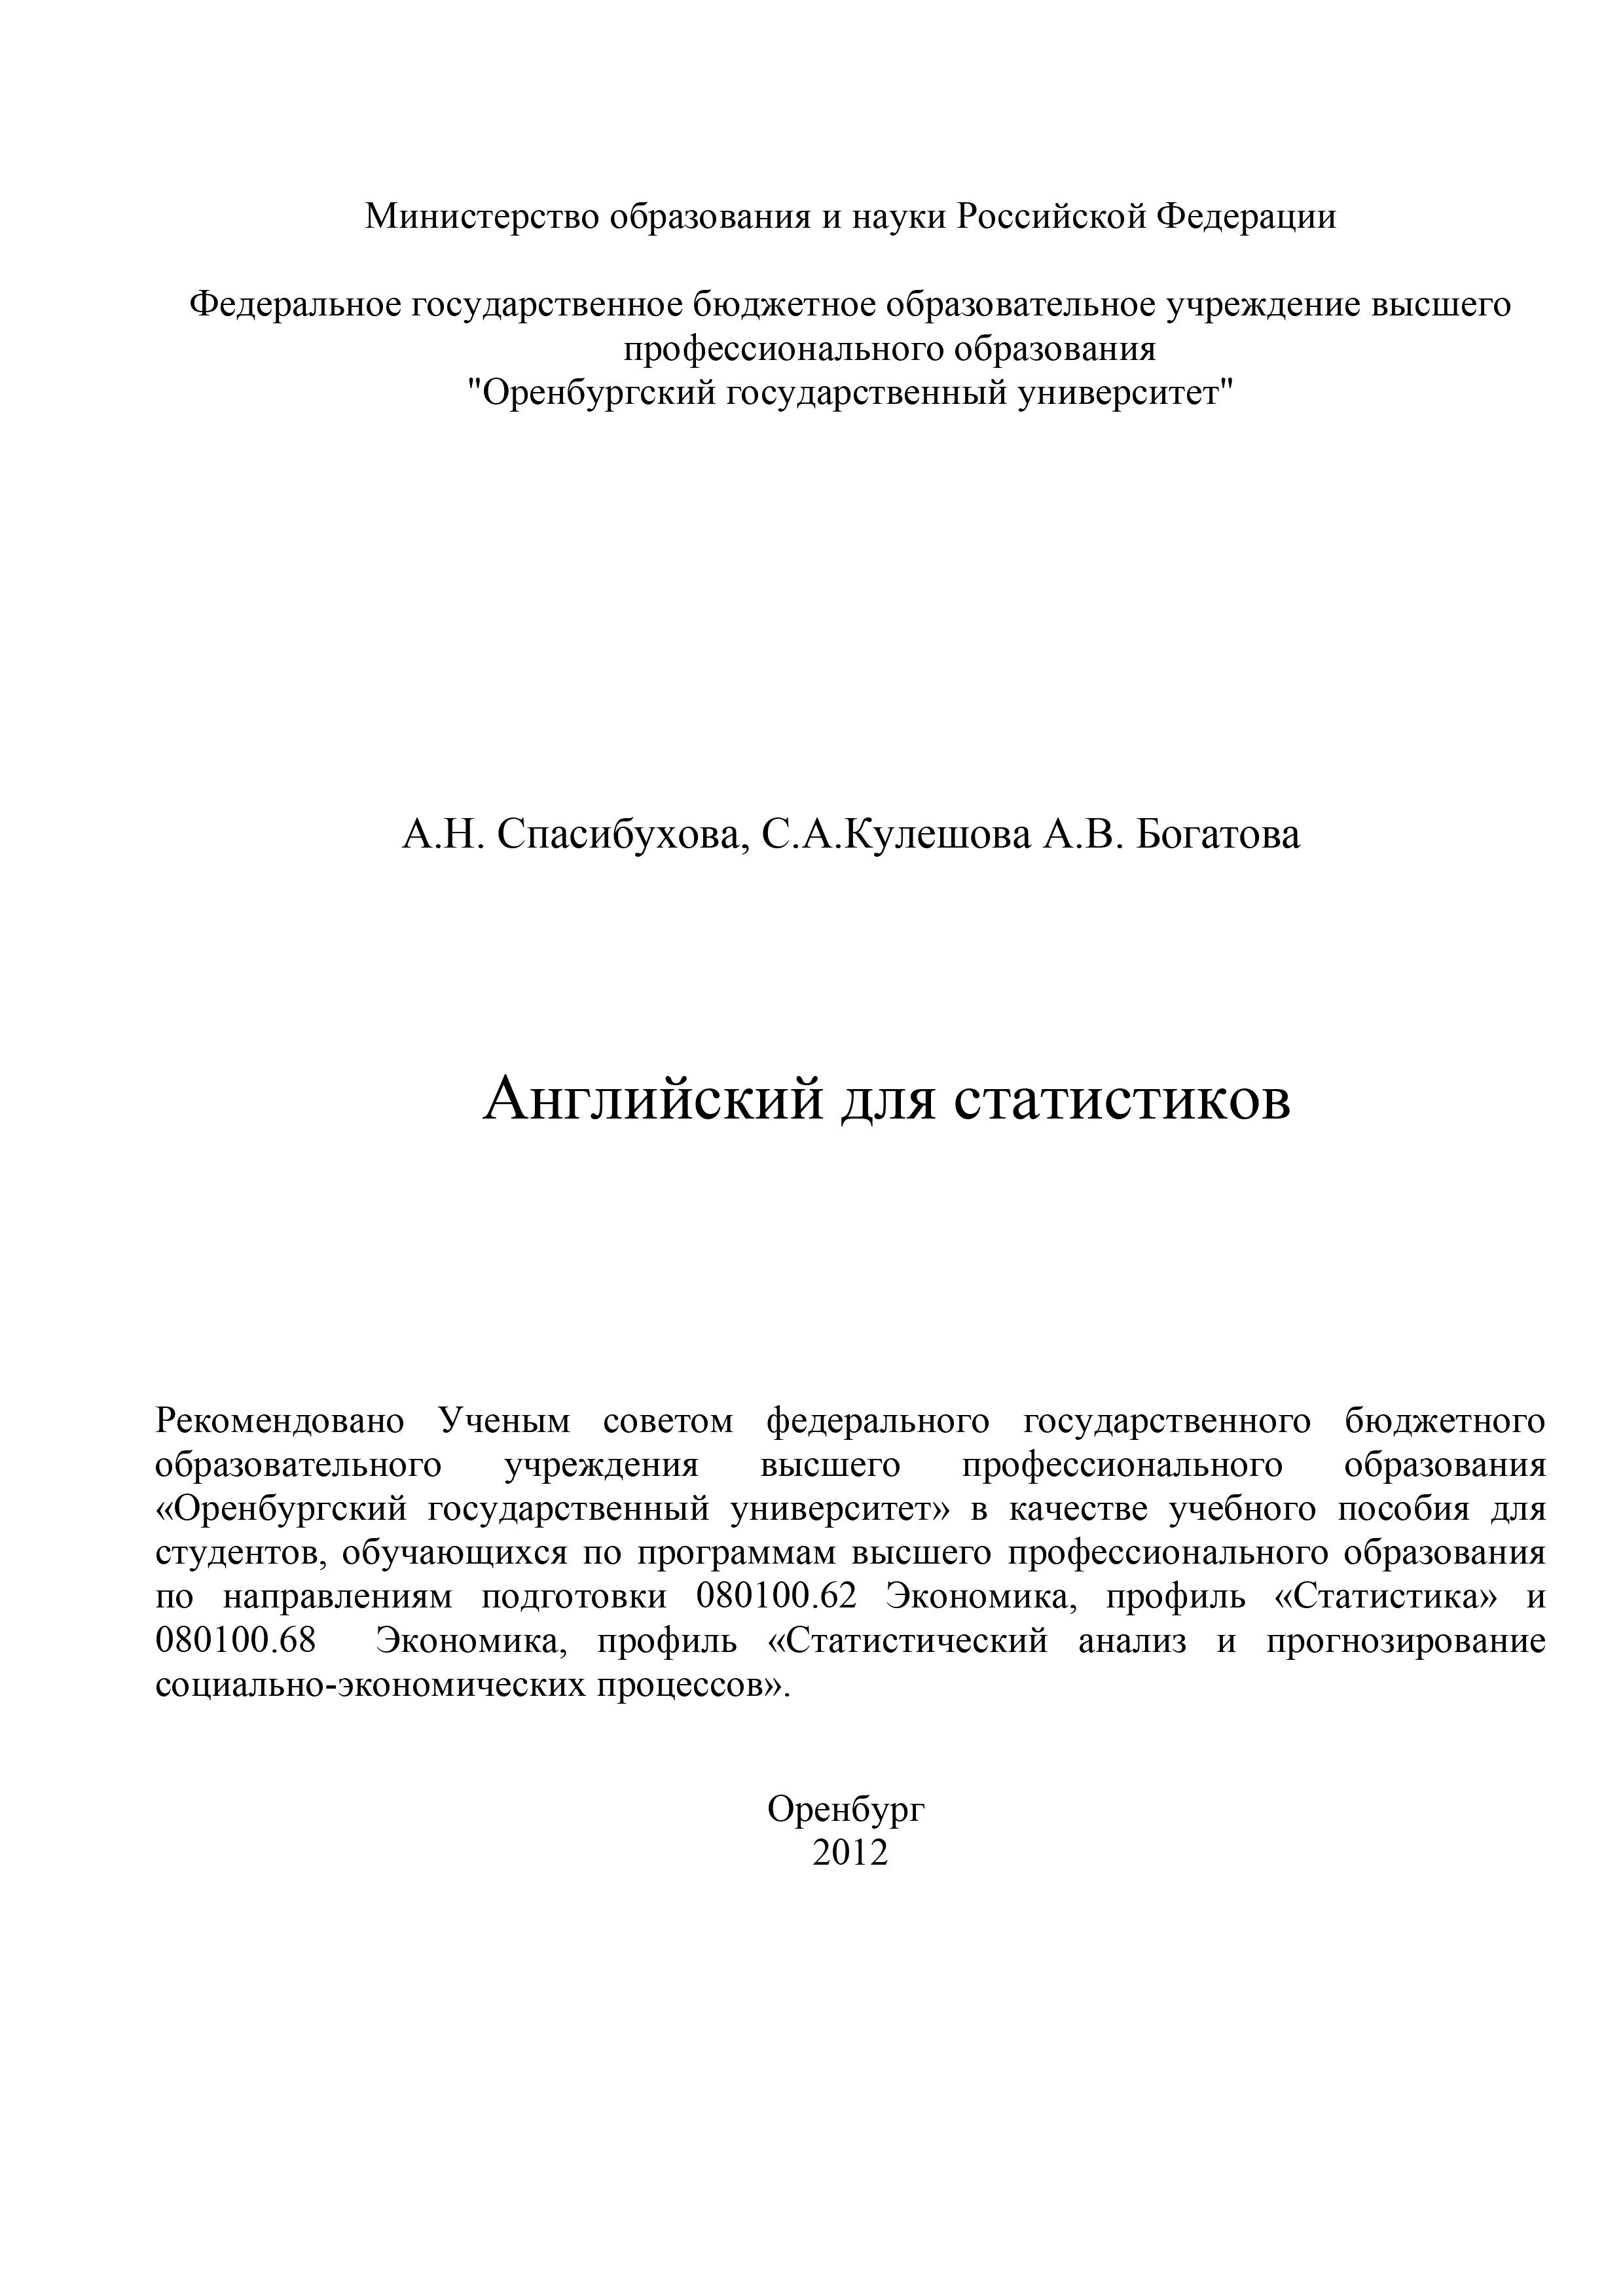 А. Богатова Английский для статистиков и а мухина социально экономическая статистика учебное пособие